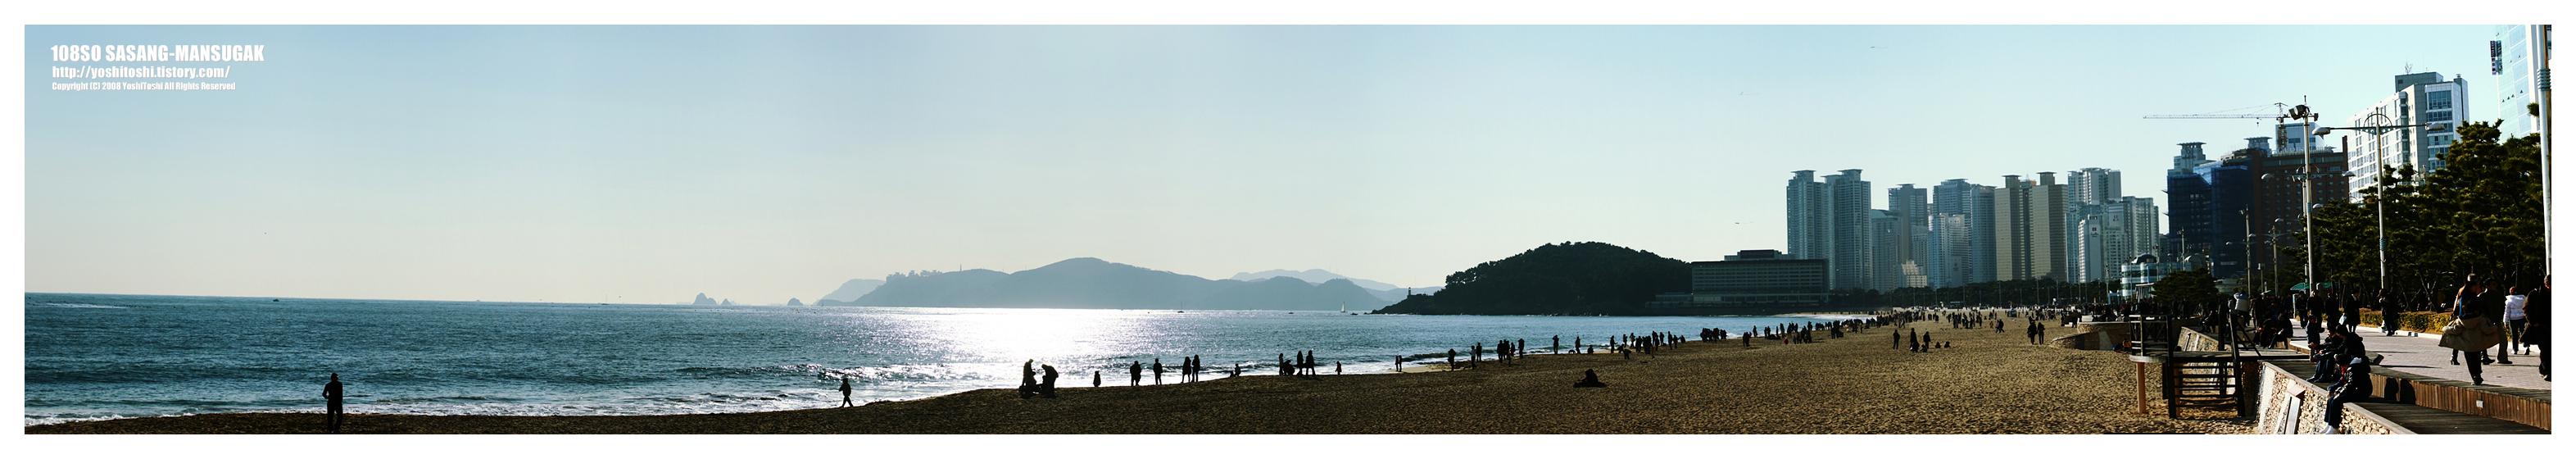 해운대풍경, 파노라마사진2